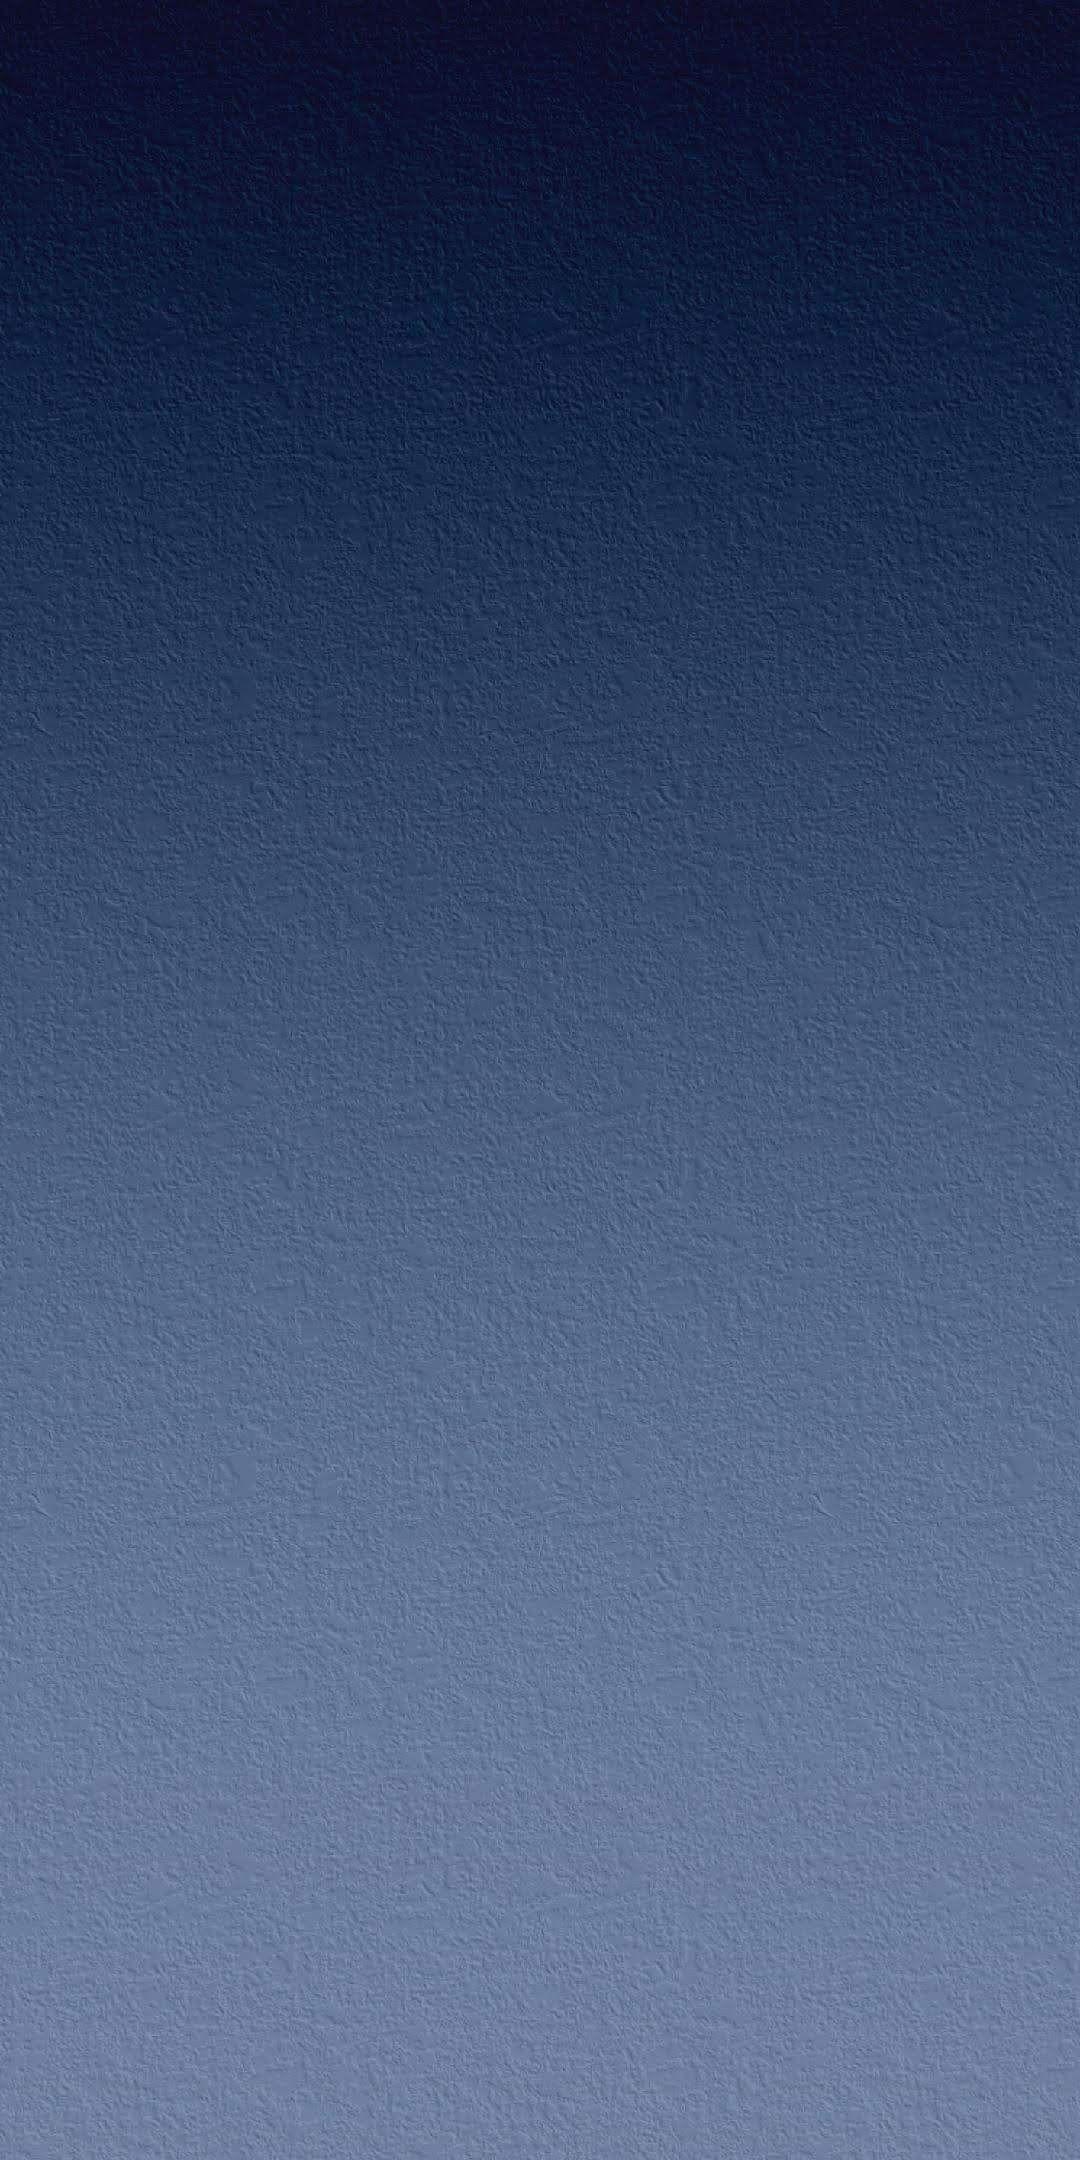 Lovely Plain Wallpaper For Phone Color Wallpaper Iphone Plain Wallpaper Plain Wallpaper Iphone